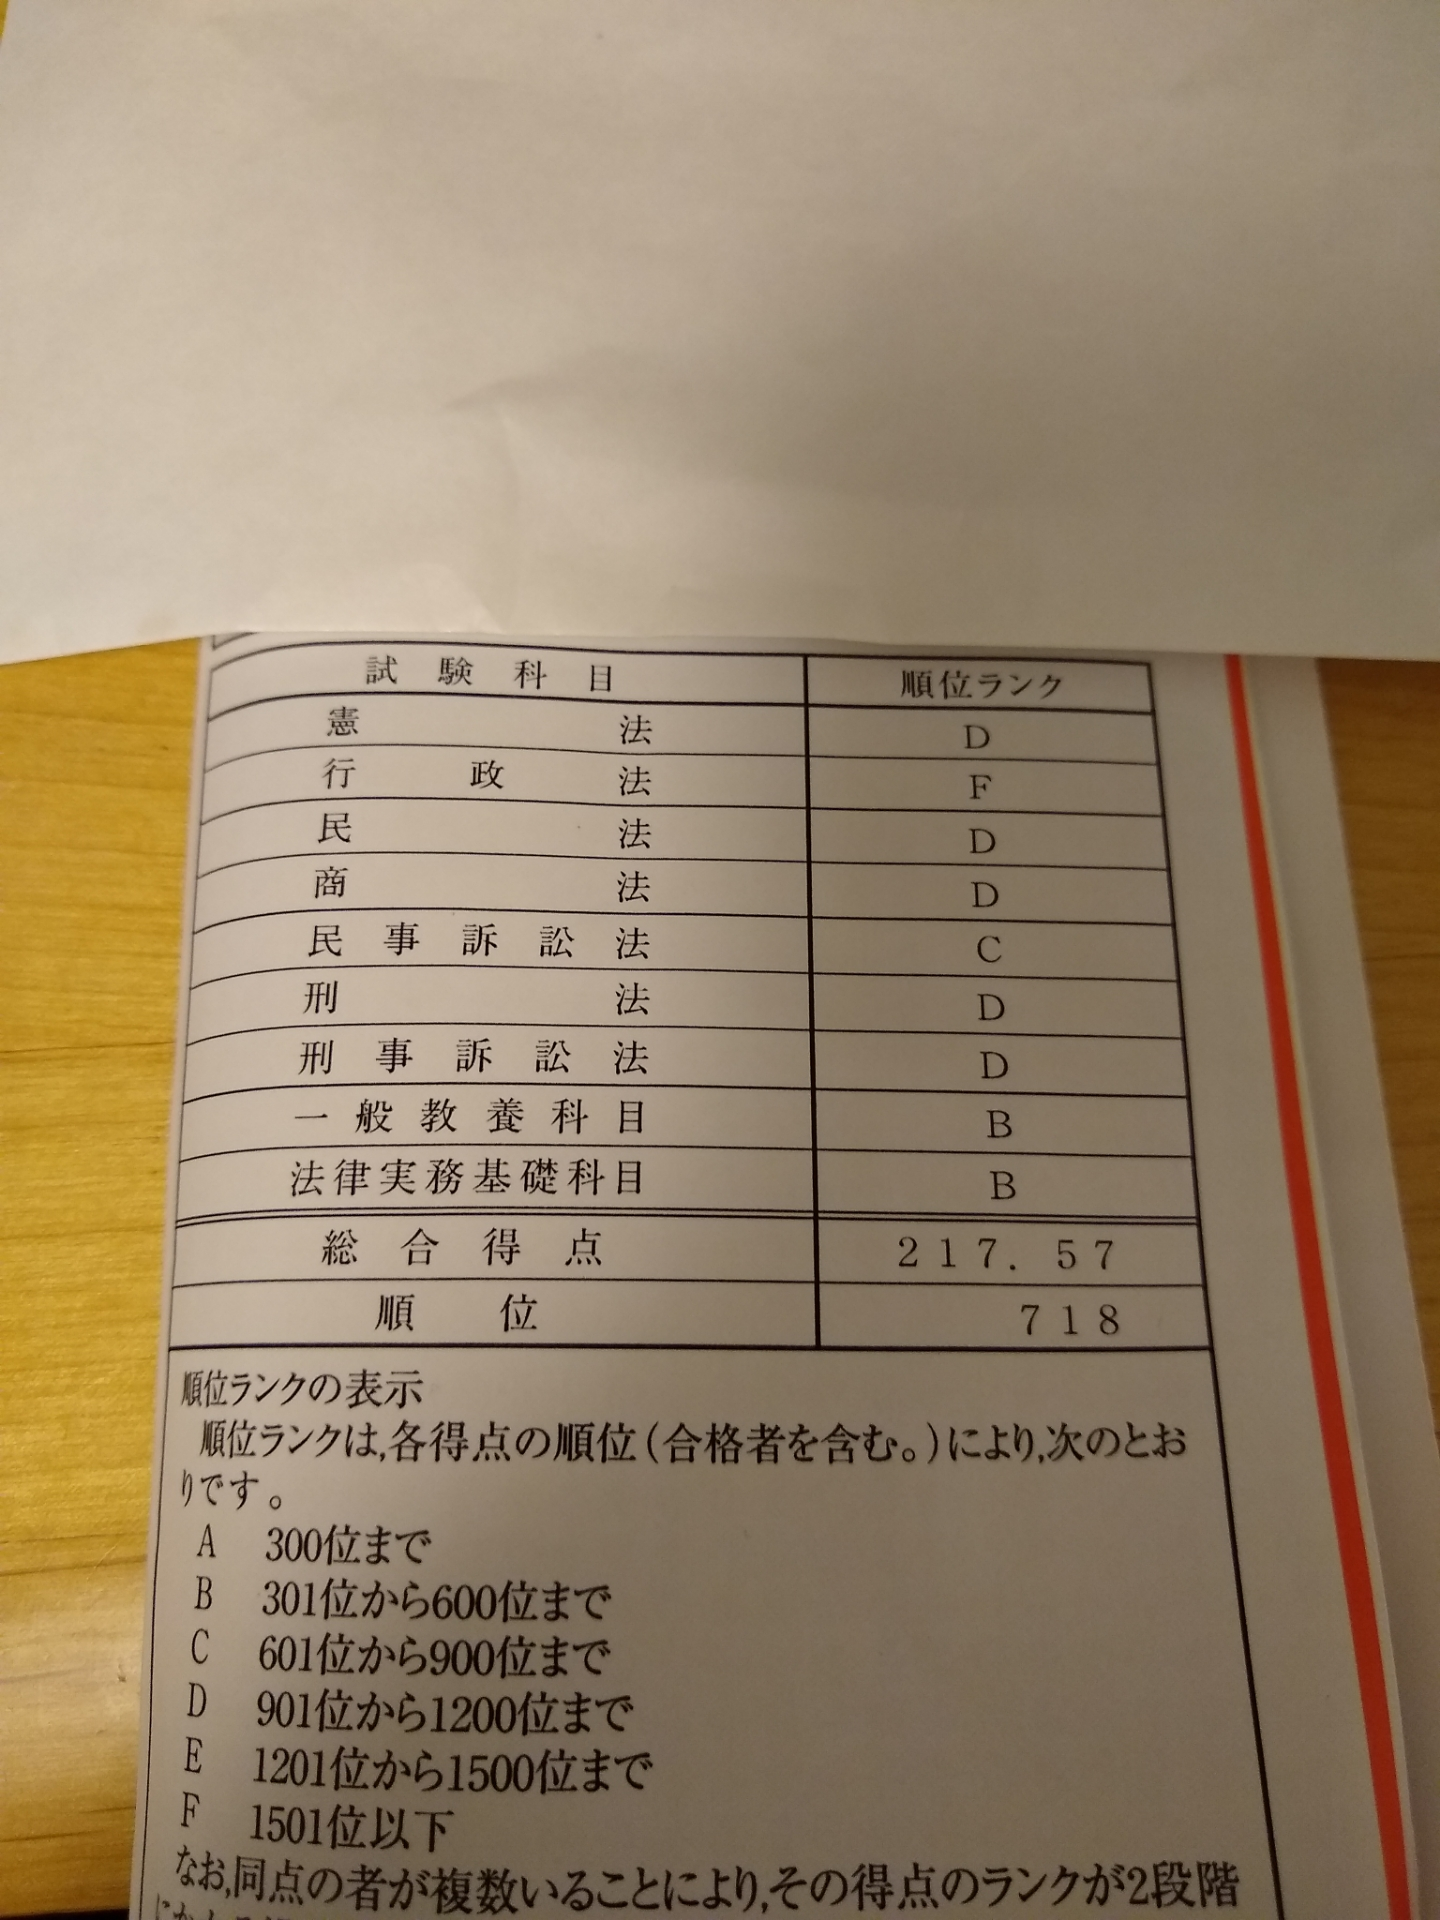 試験 5ch 予備